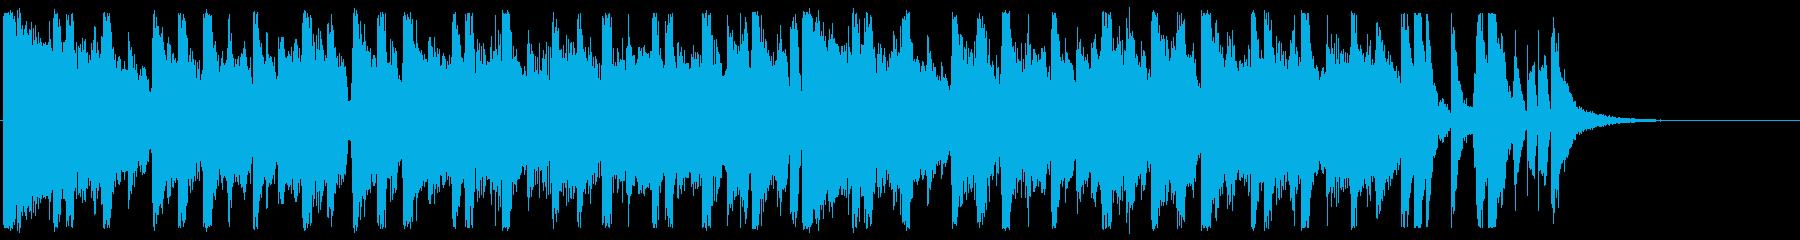 おしゃれ/J-pop_No590_4の再生済みの波形